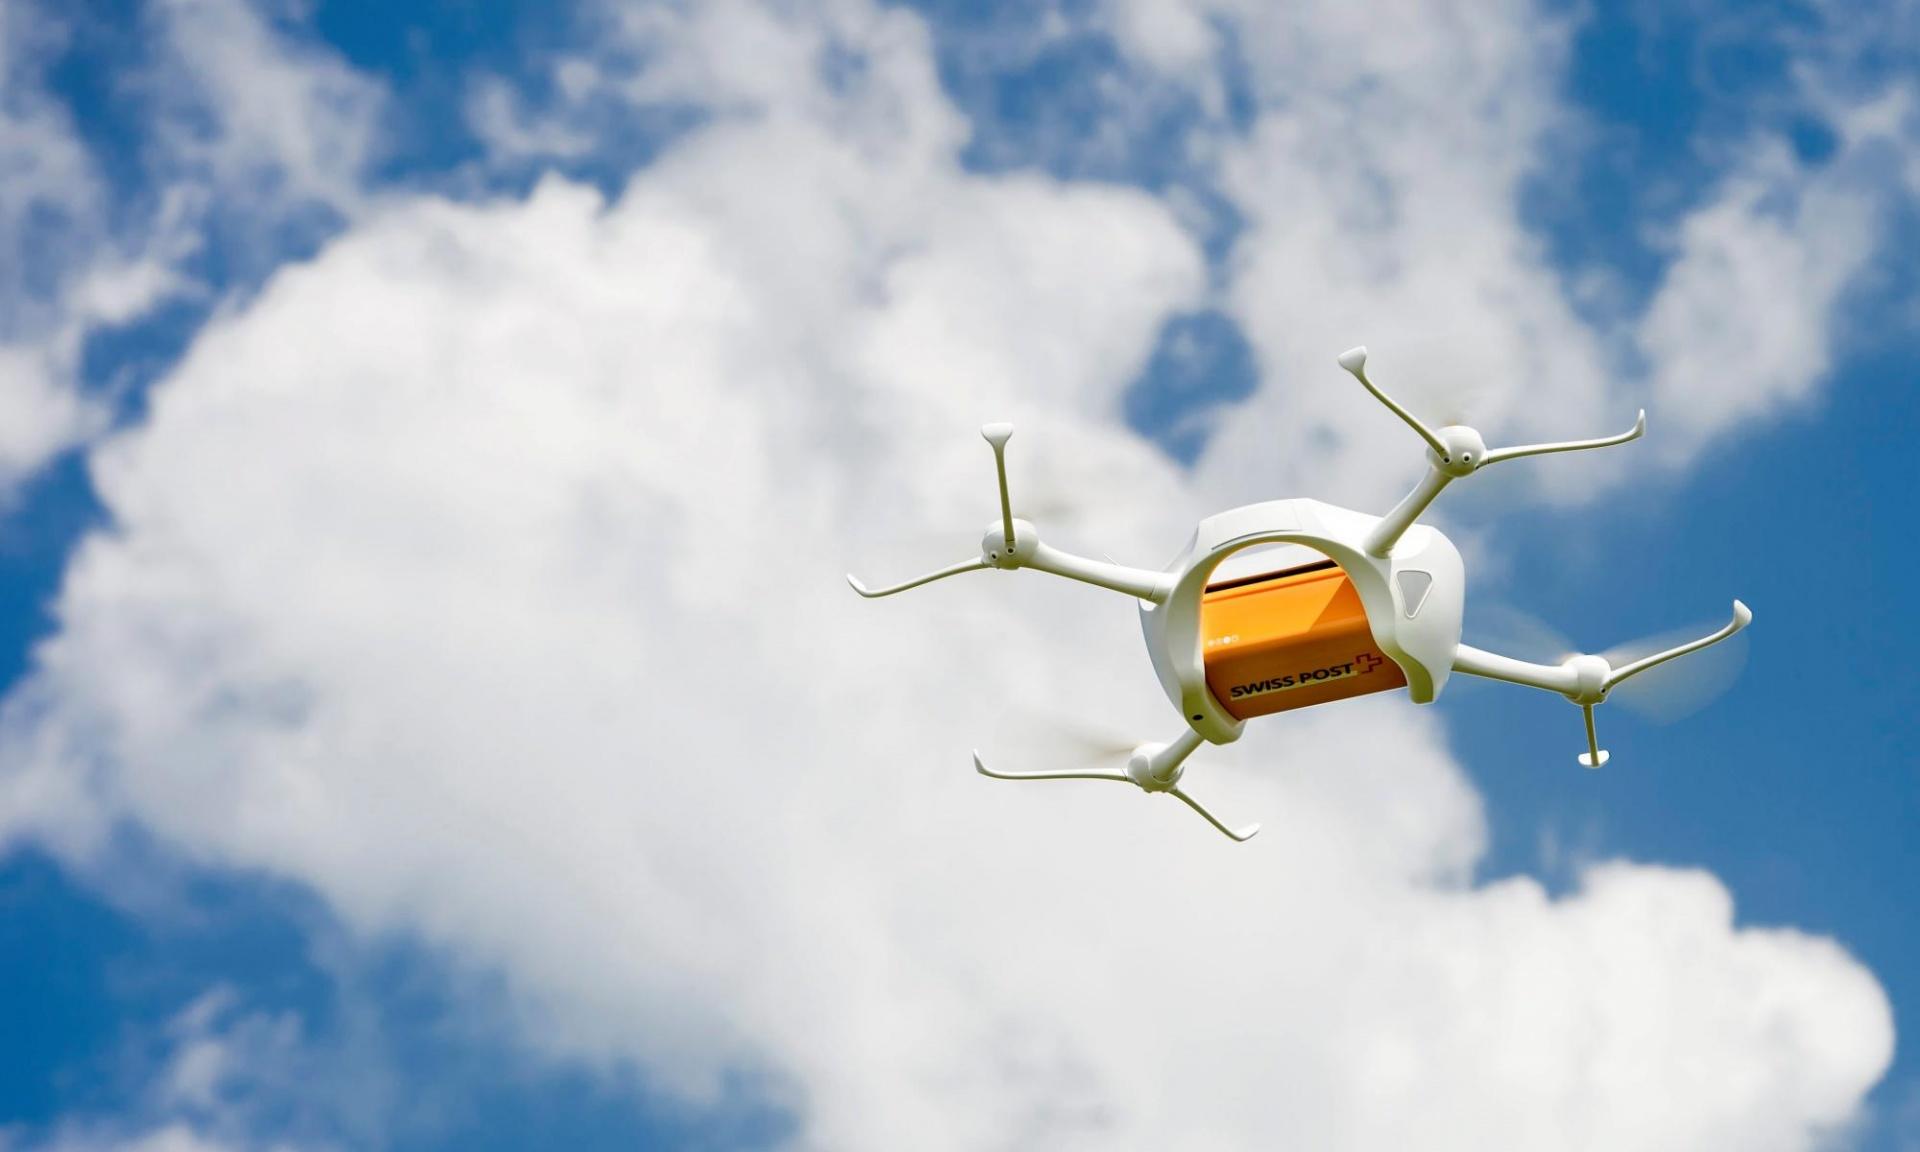 Tak wygląda dron-listonosz. Fot. Jean-Christophe Bott/EPA